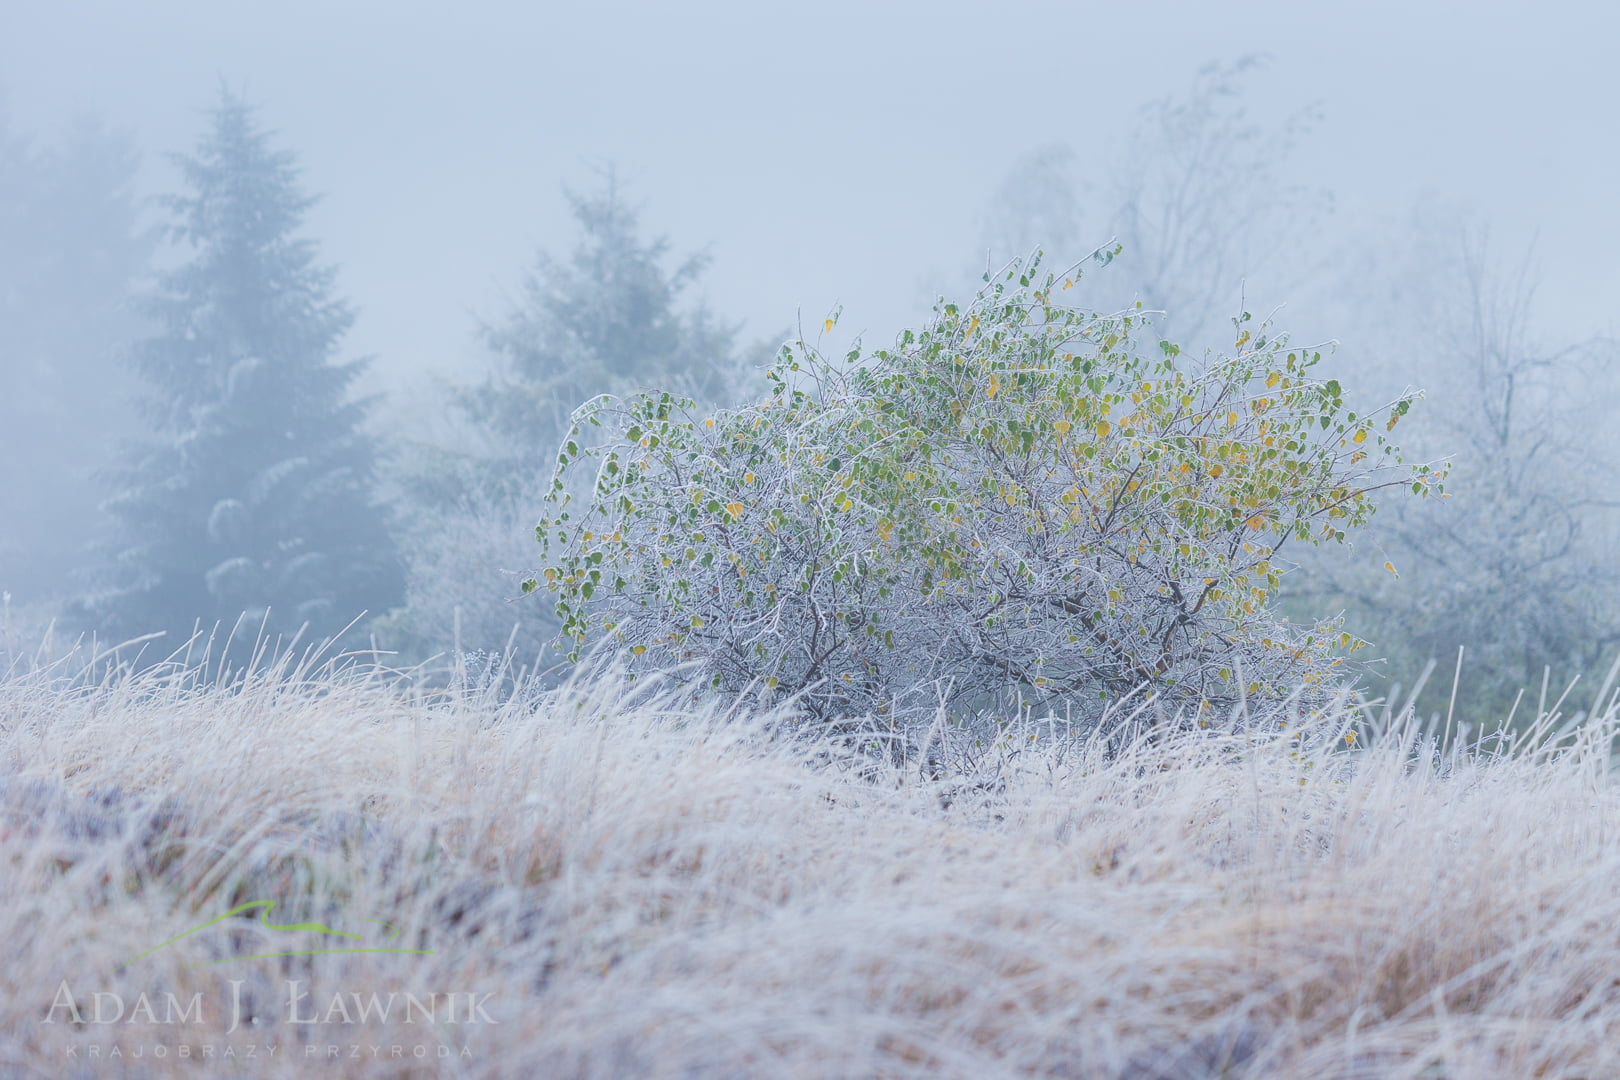 Brzoza w zimowej scenerii w Bieszczadach